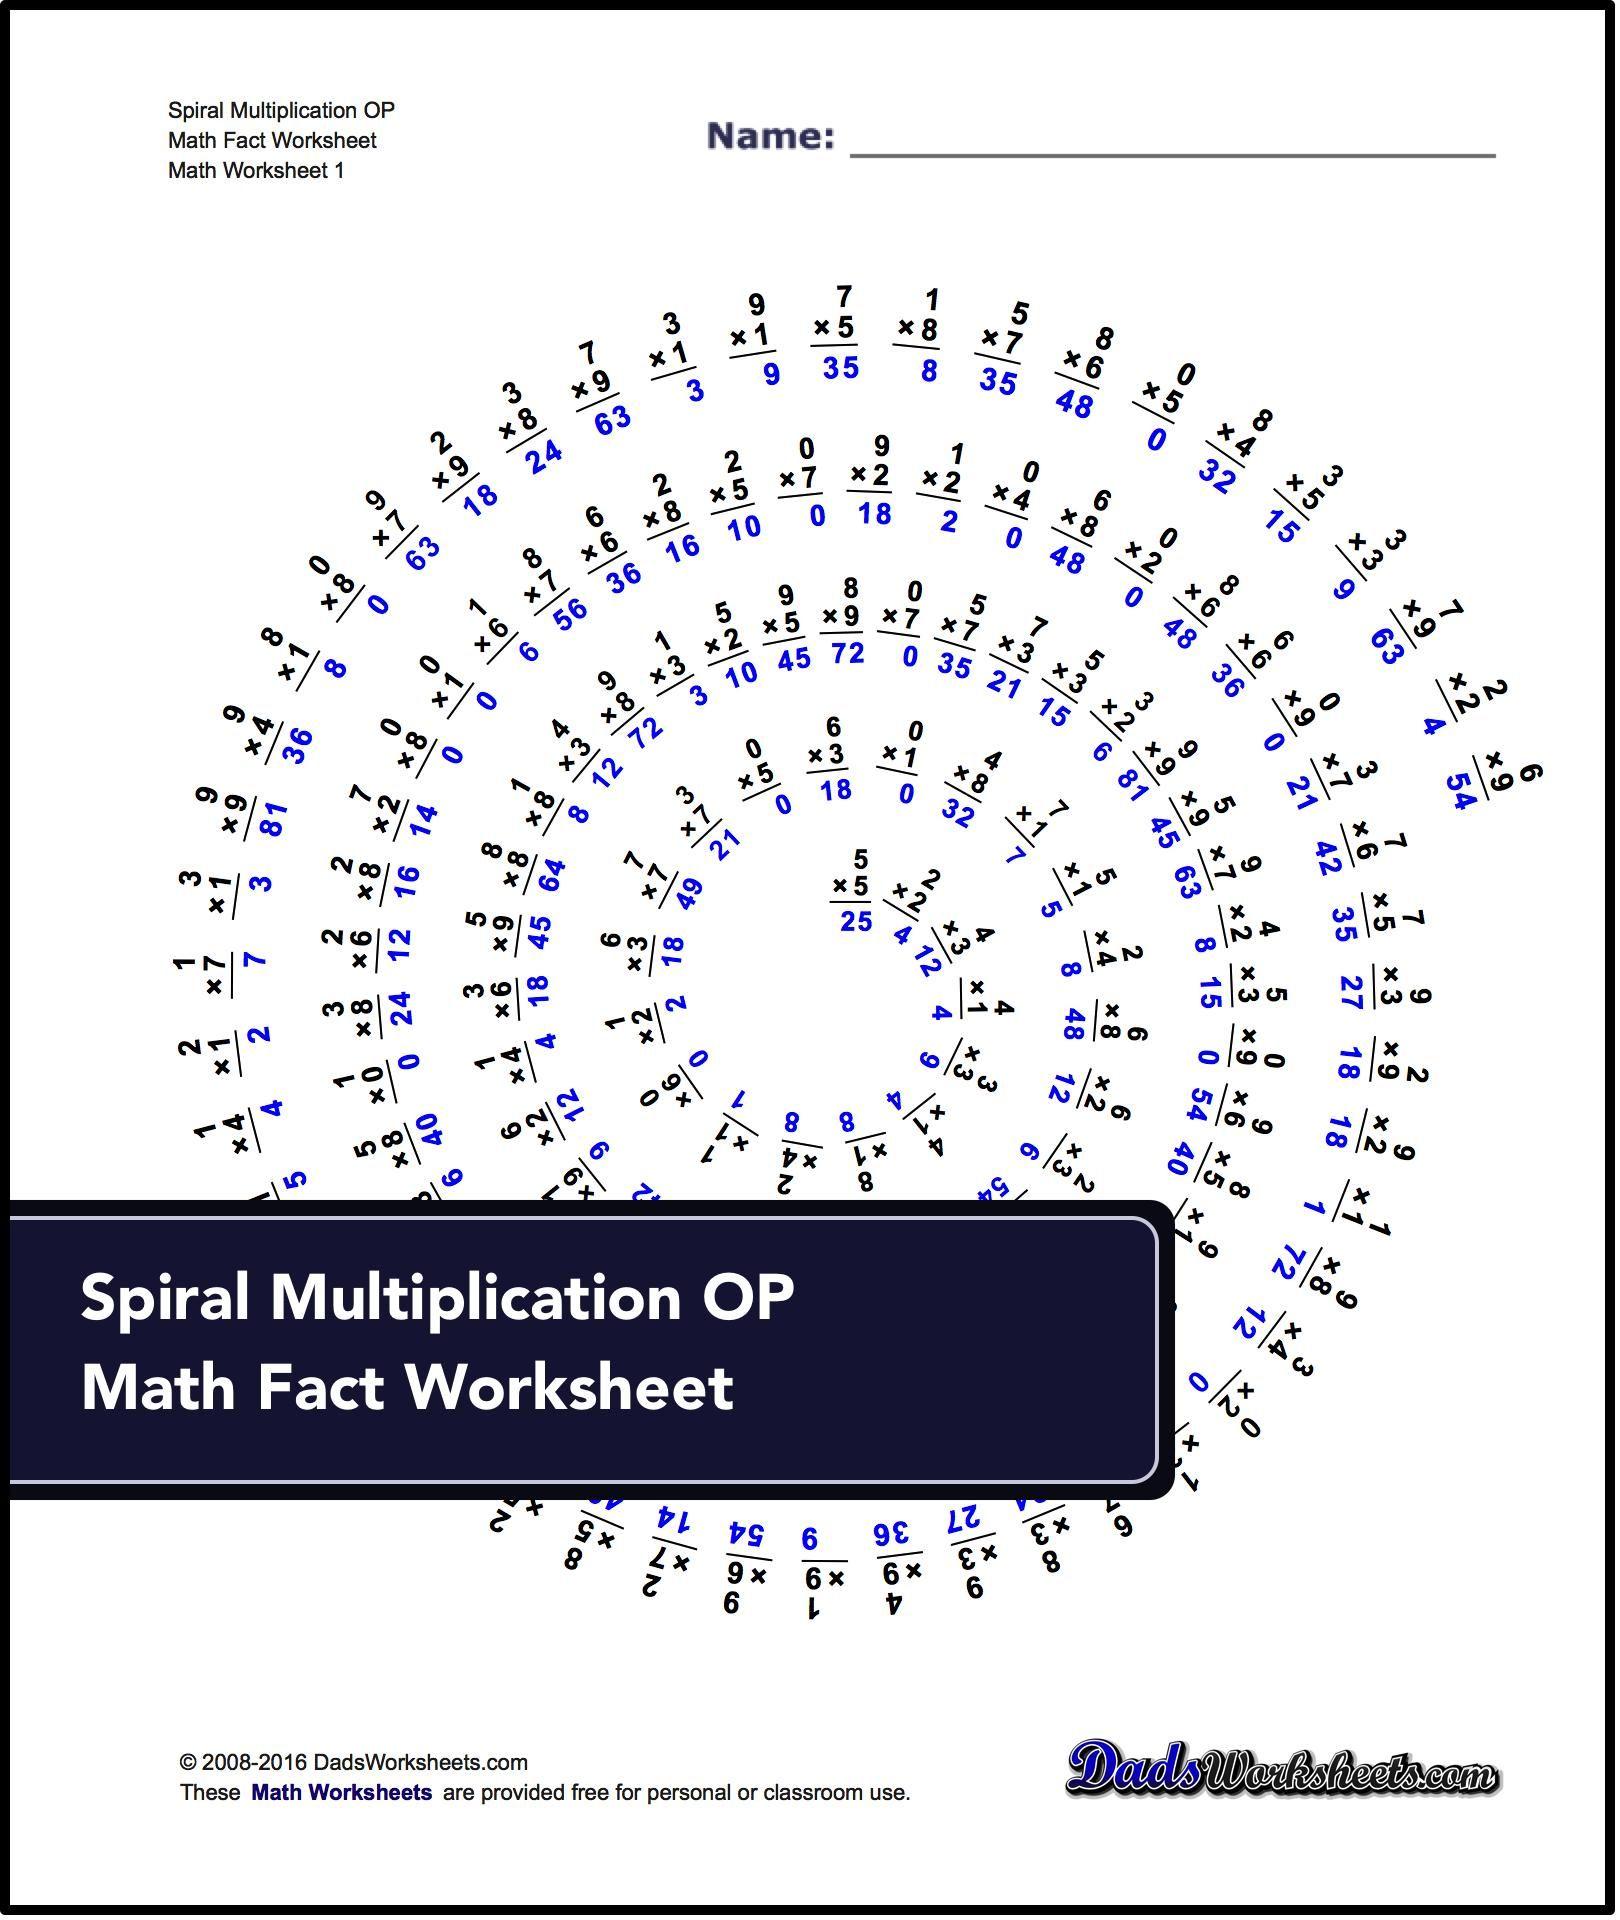 Multiplication Worksheets For Spiral Multiplication Op